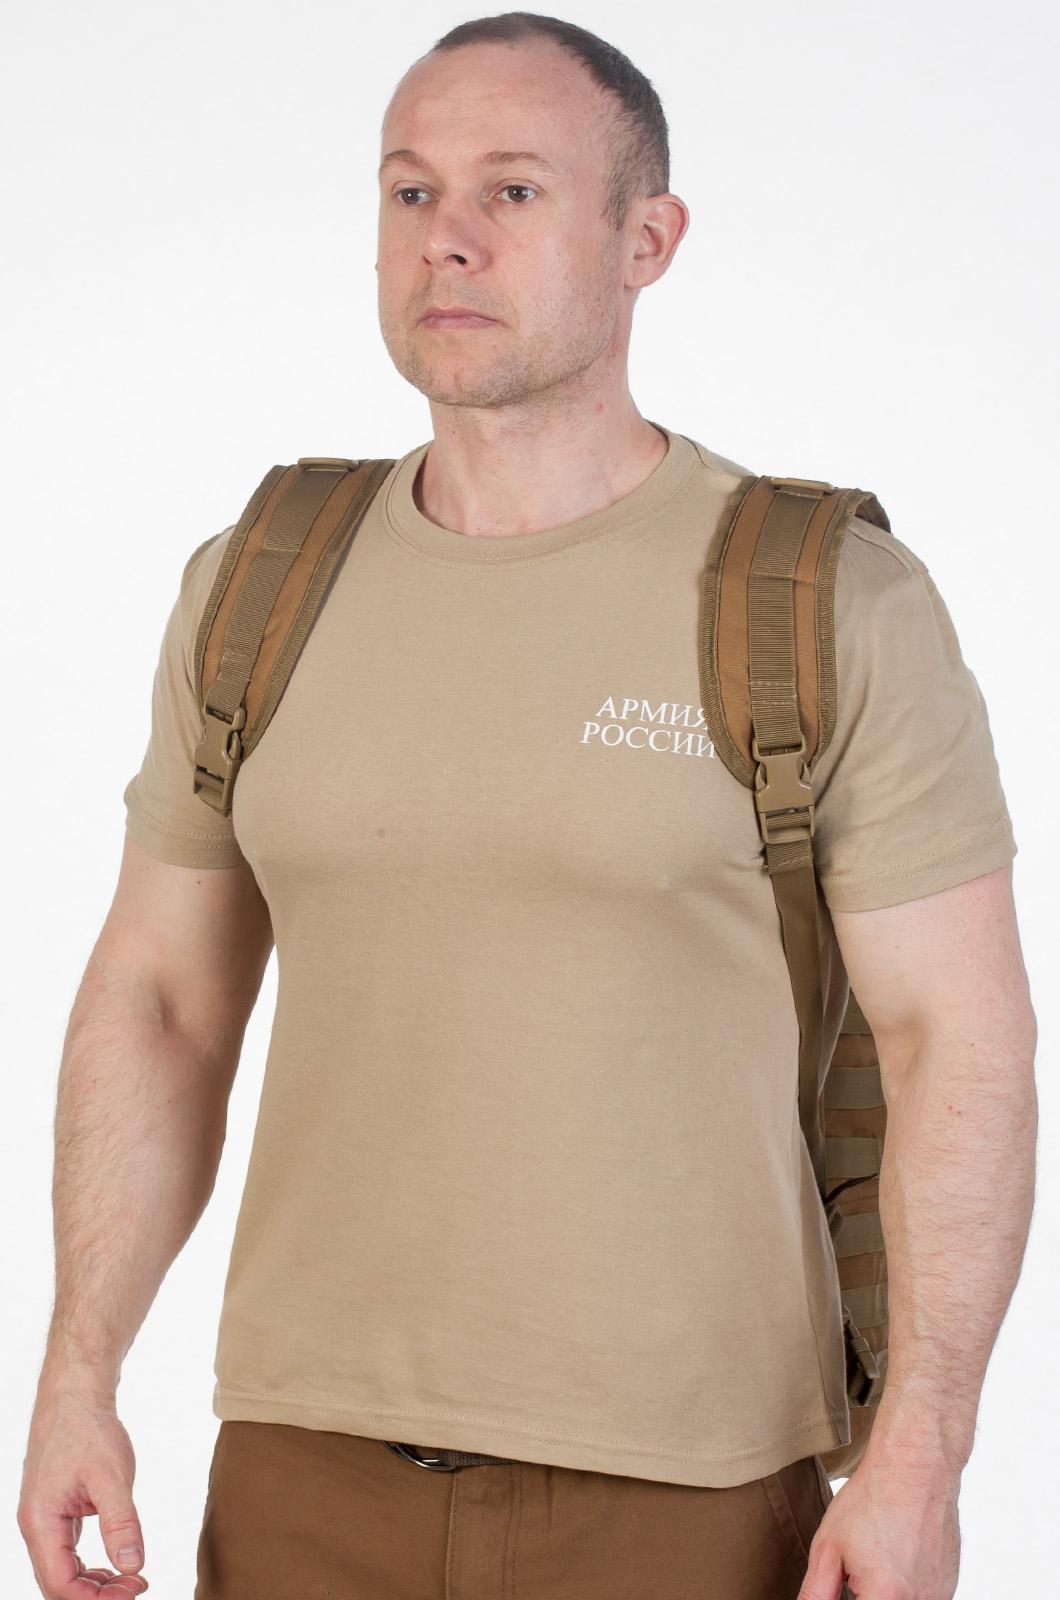 Военный рейдовый рюкзак с нашивкой Полиция России - купить выгодно